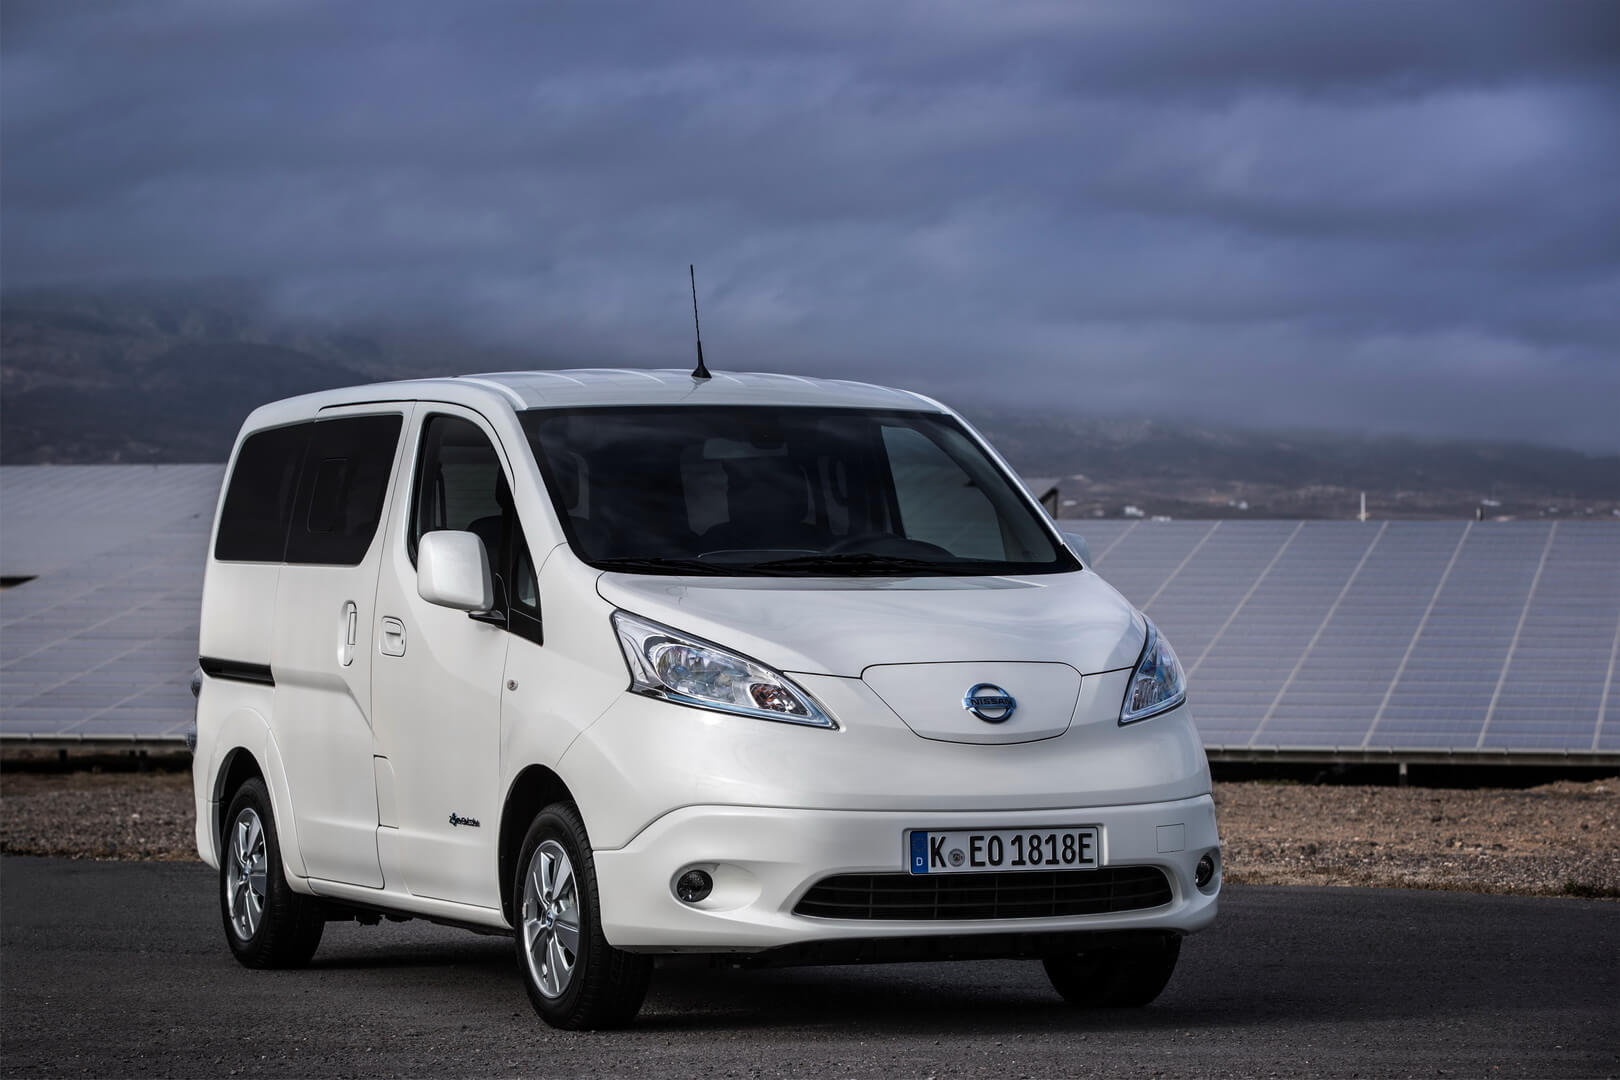 Новый Nissan e-NV200 с батареей емкостью 40 кВт•ч